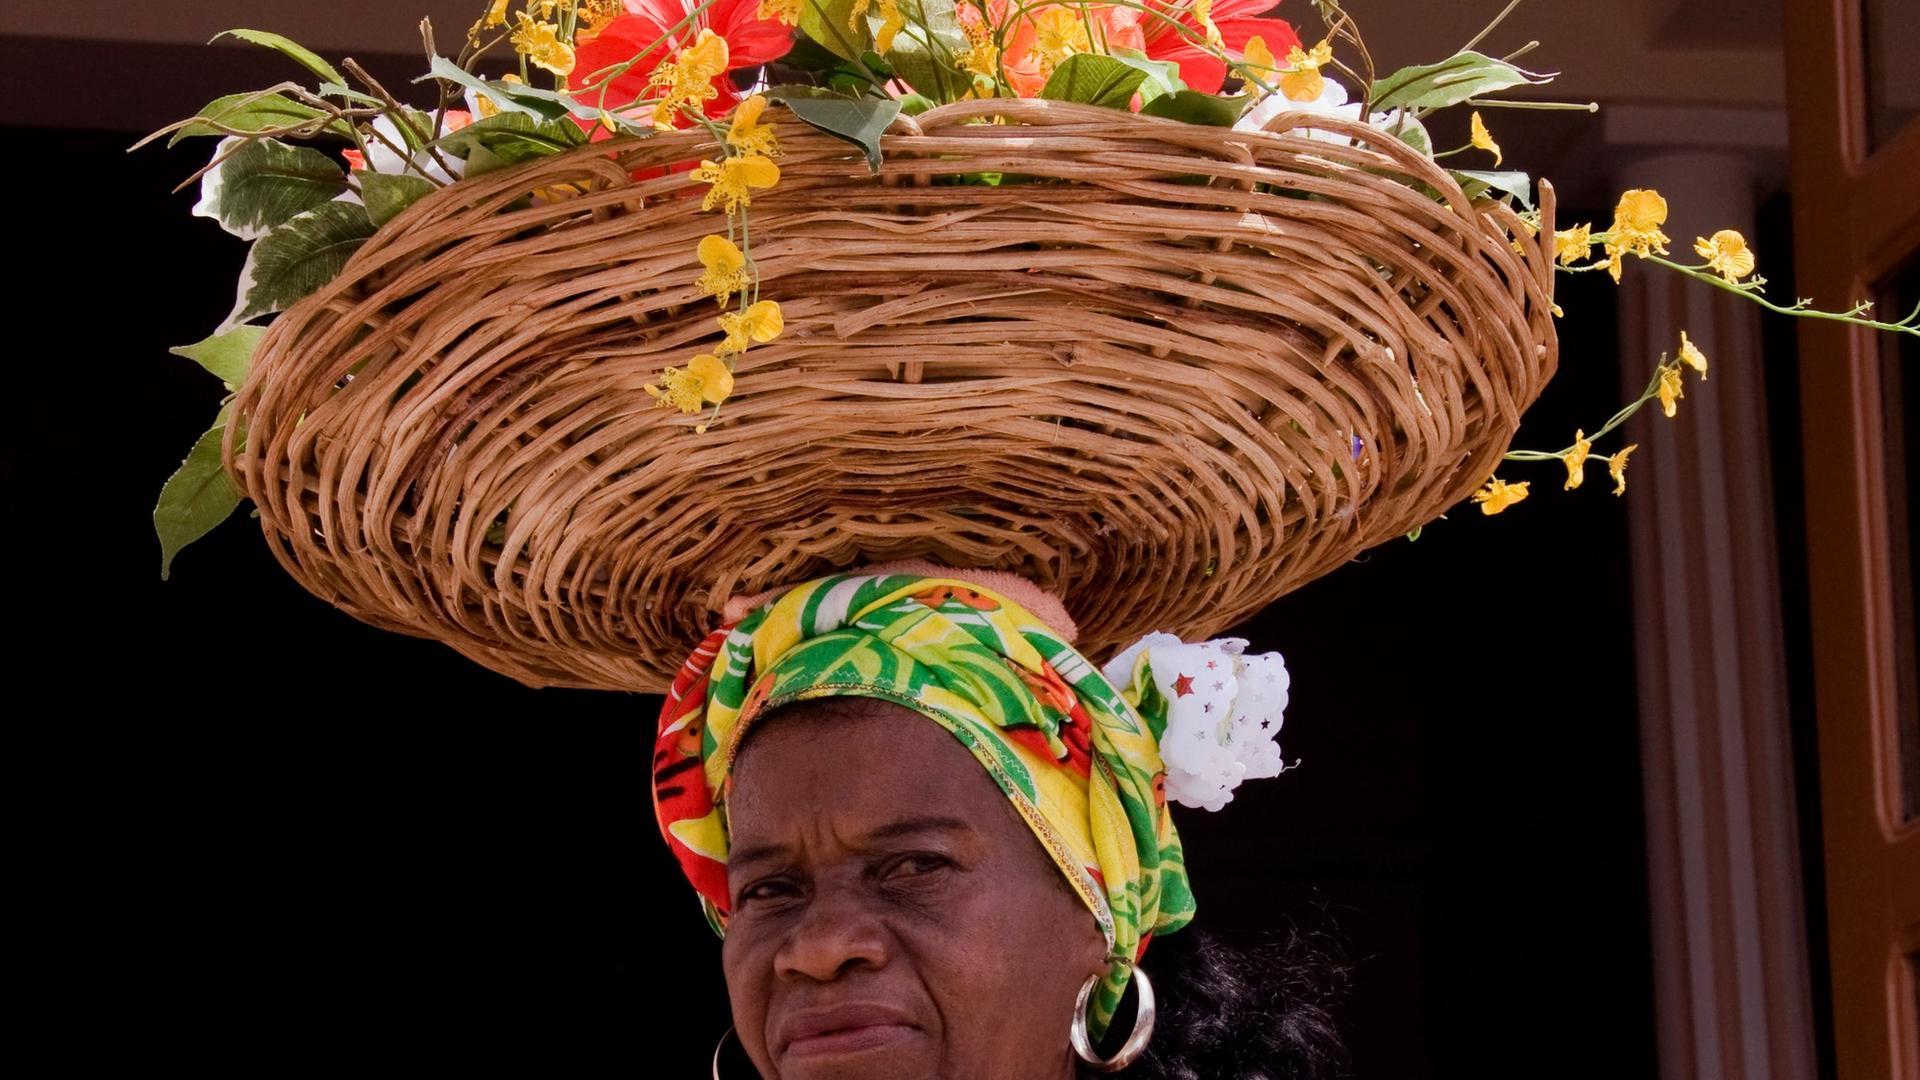 Ganhadeira Jaci com arranjo de flores sobre a cabeça. Foto: Adenor Gondim